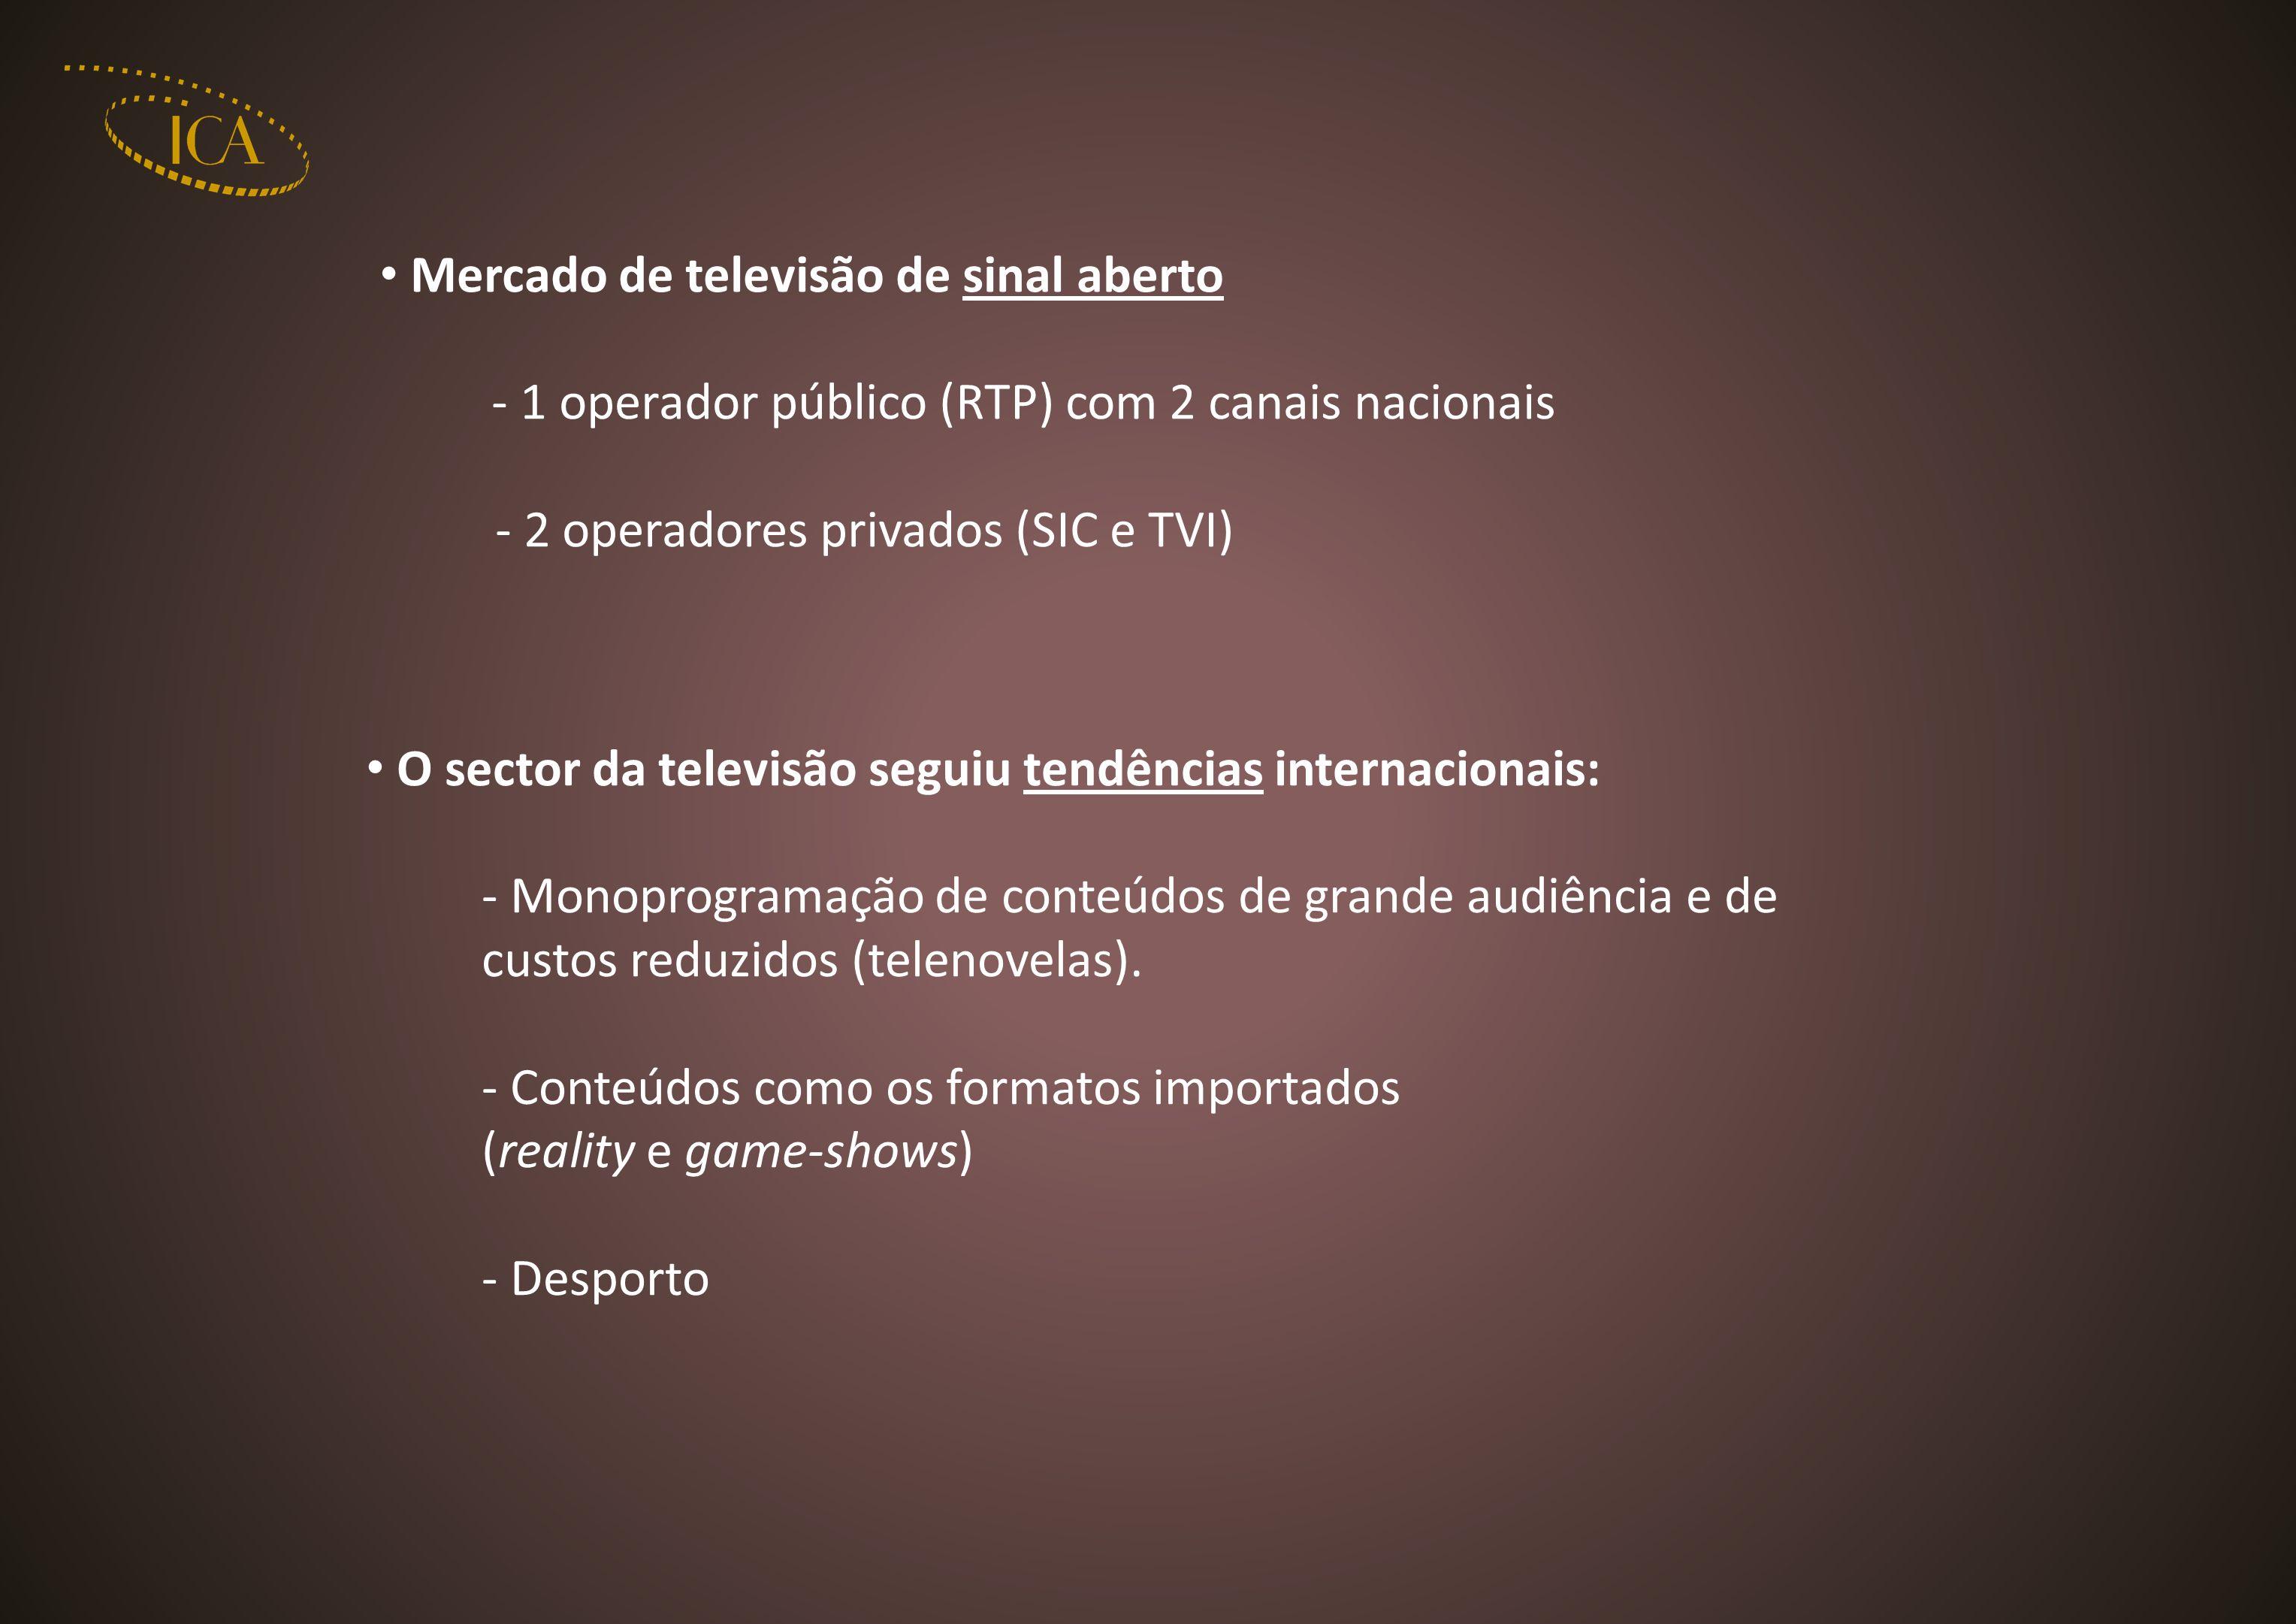 Mercado de televisão de sinal aberto - 1 operador público (RTP) com 2 canais nacionais - 2 operadores privados (SIC e TVI) O sector da televisão segui